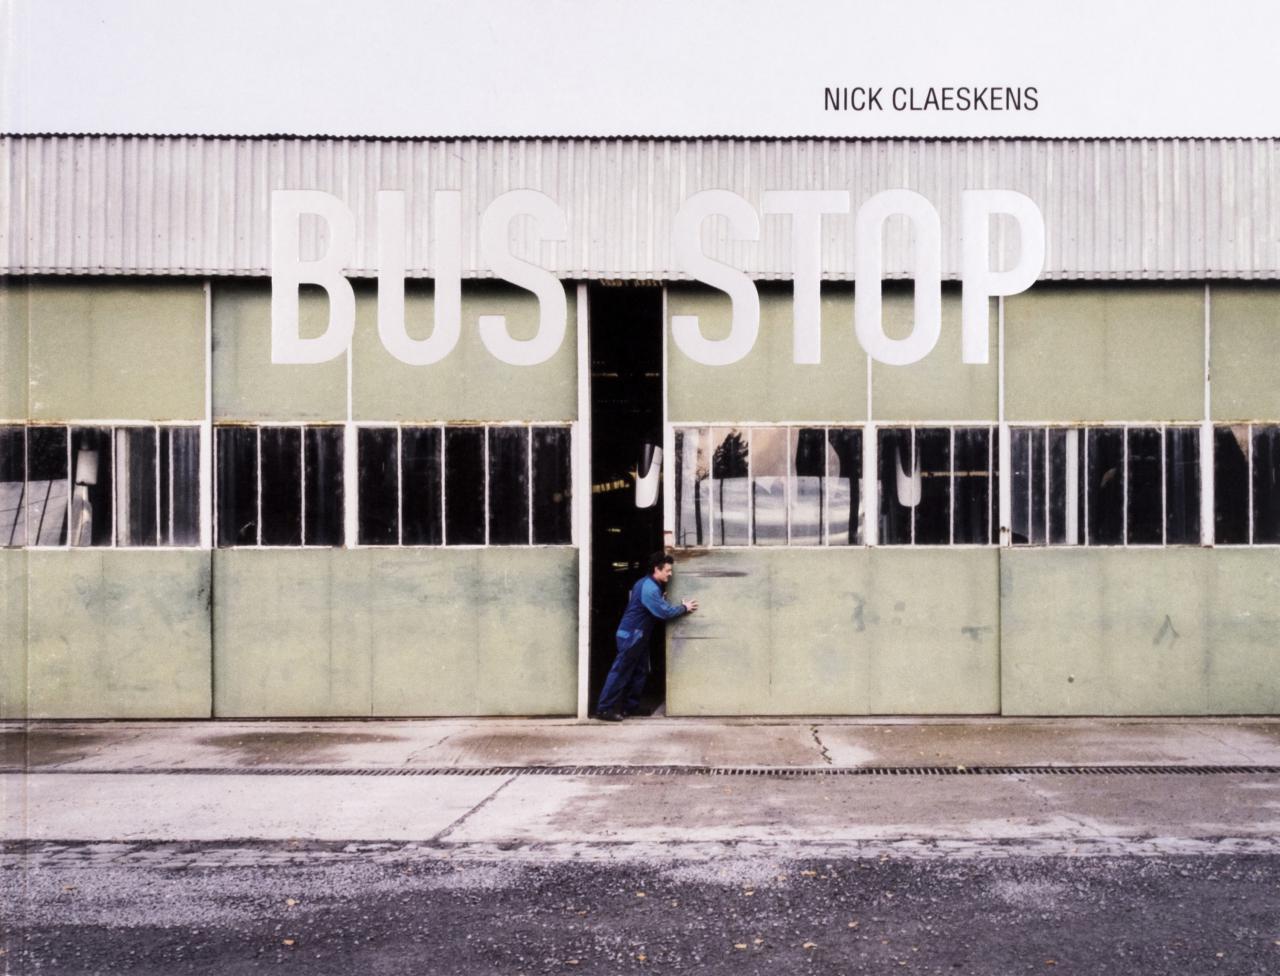 Nick Claeskens: Bus Stop